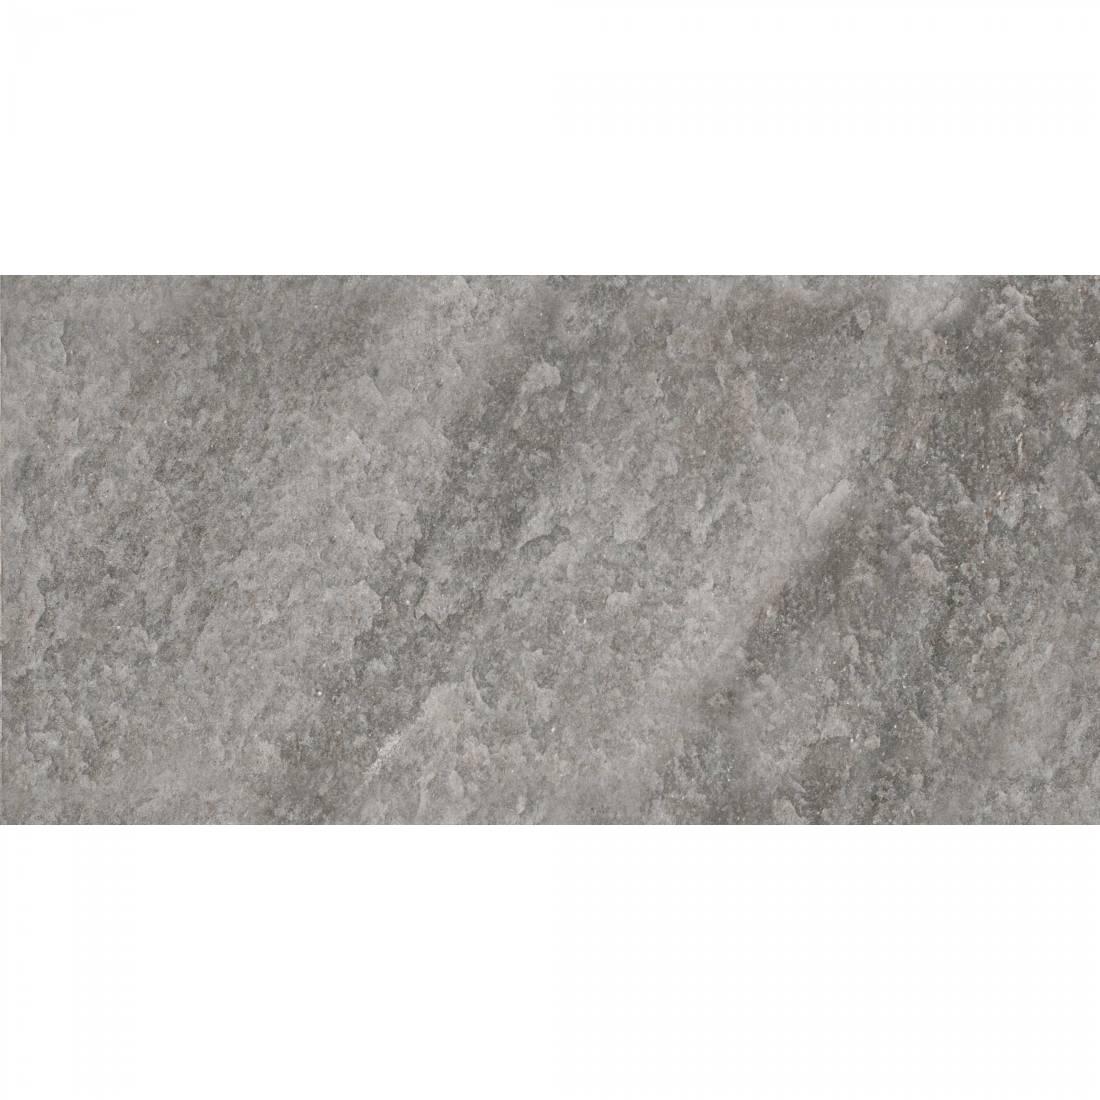 Fossil 30x60 Grafito 1